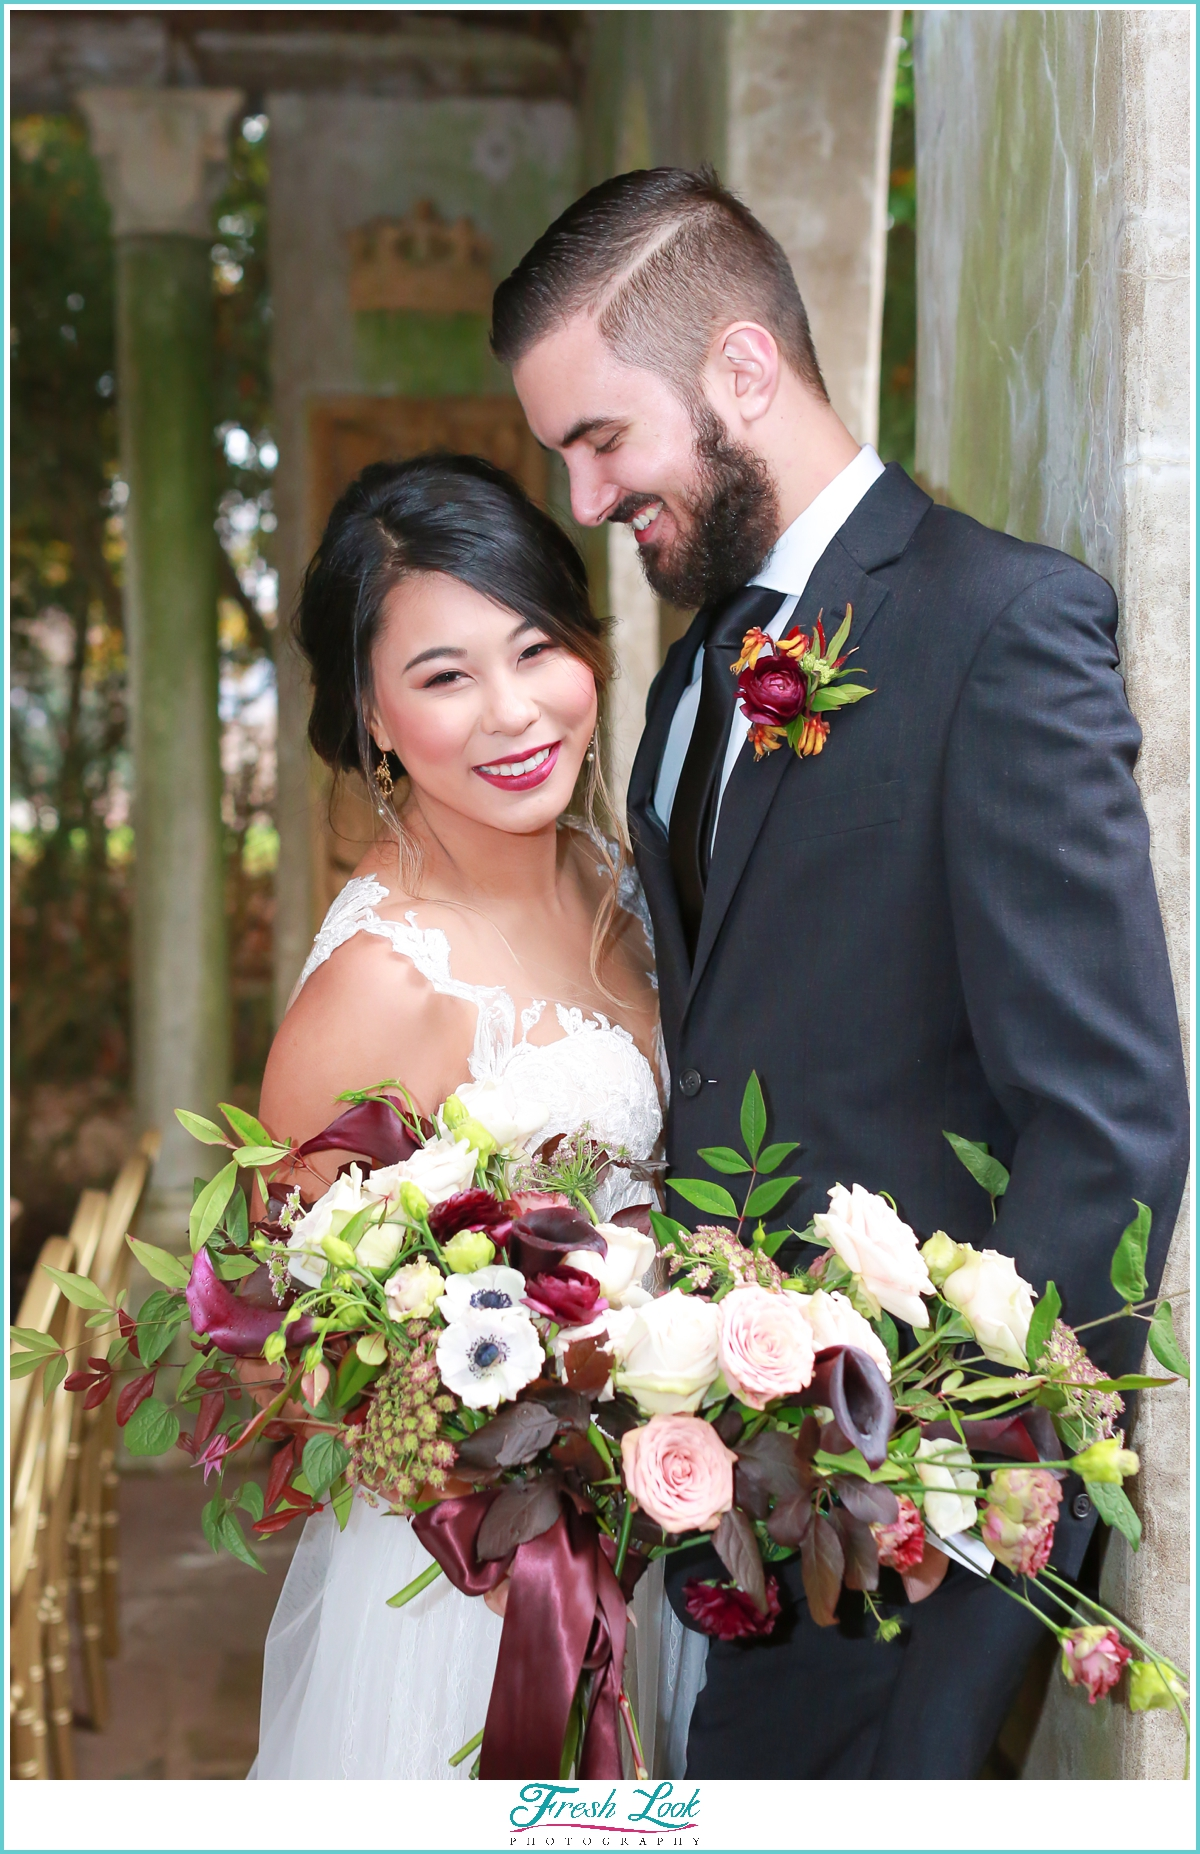 happy bride and groom wedding photos